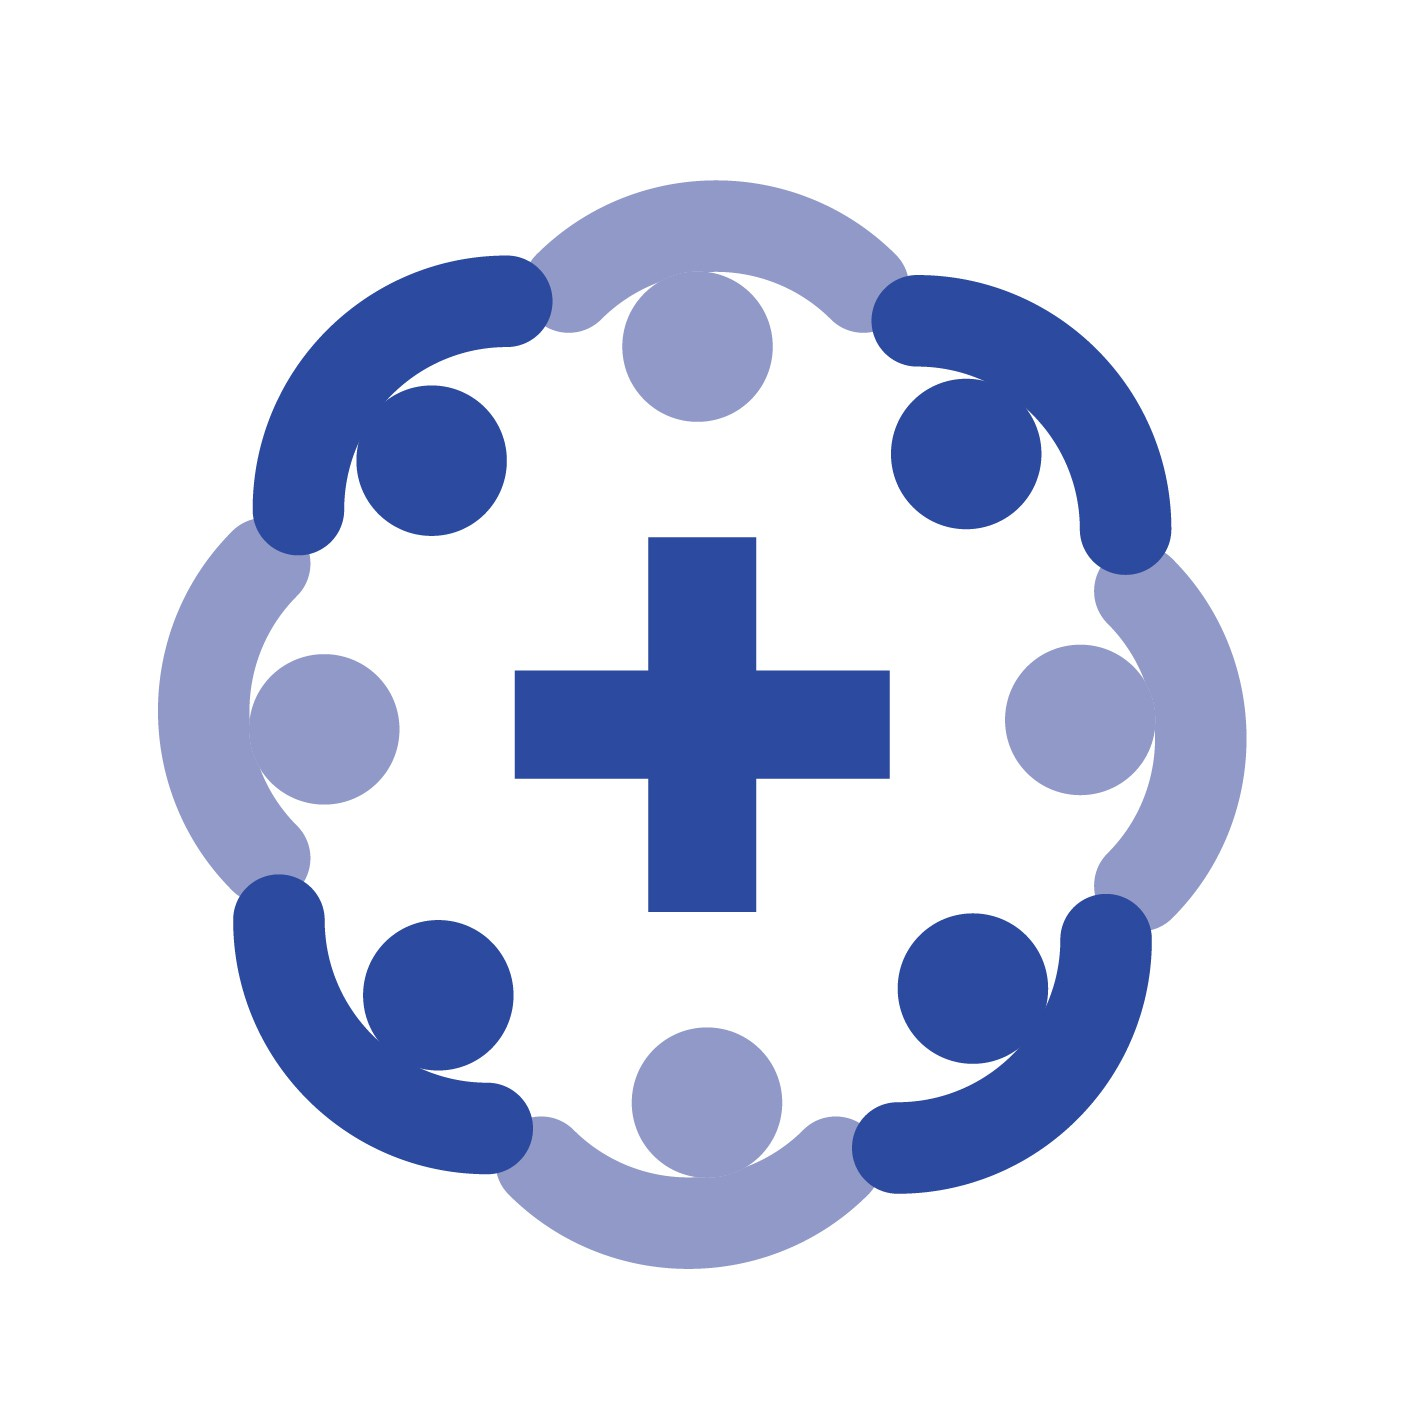 Custom-made Logo Design